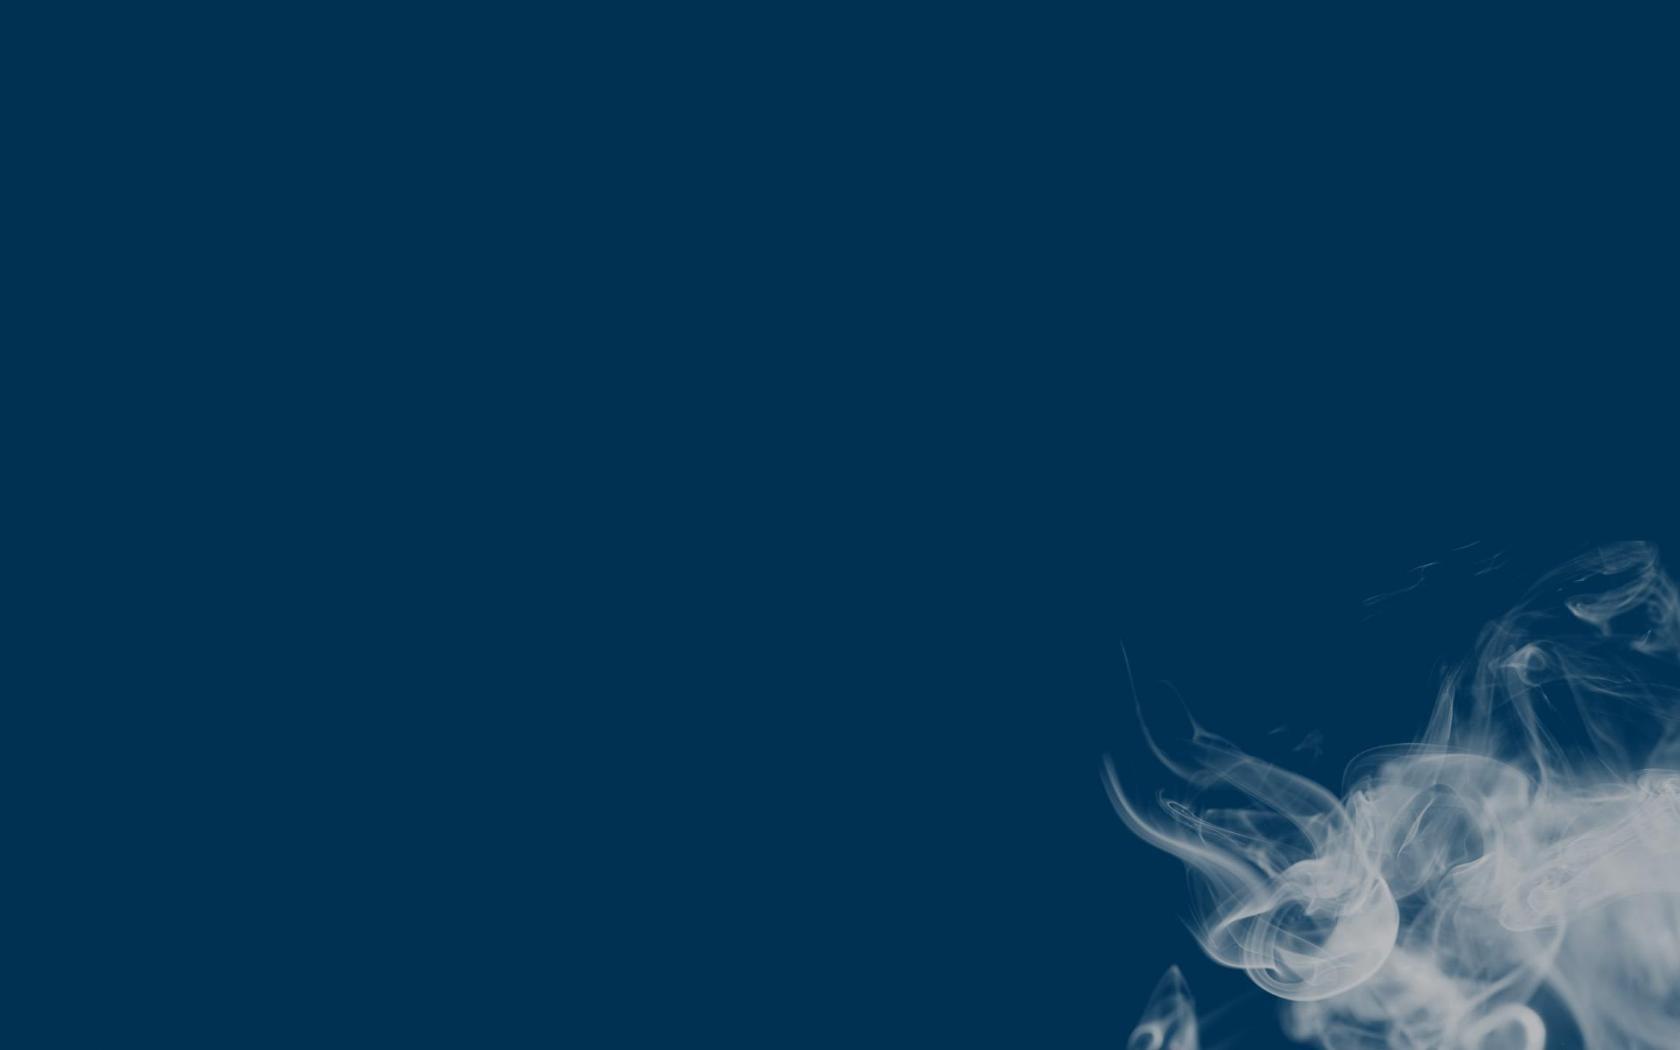 Solid Blue Desktop Background for Pinterest 1680x1050